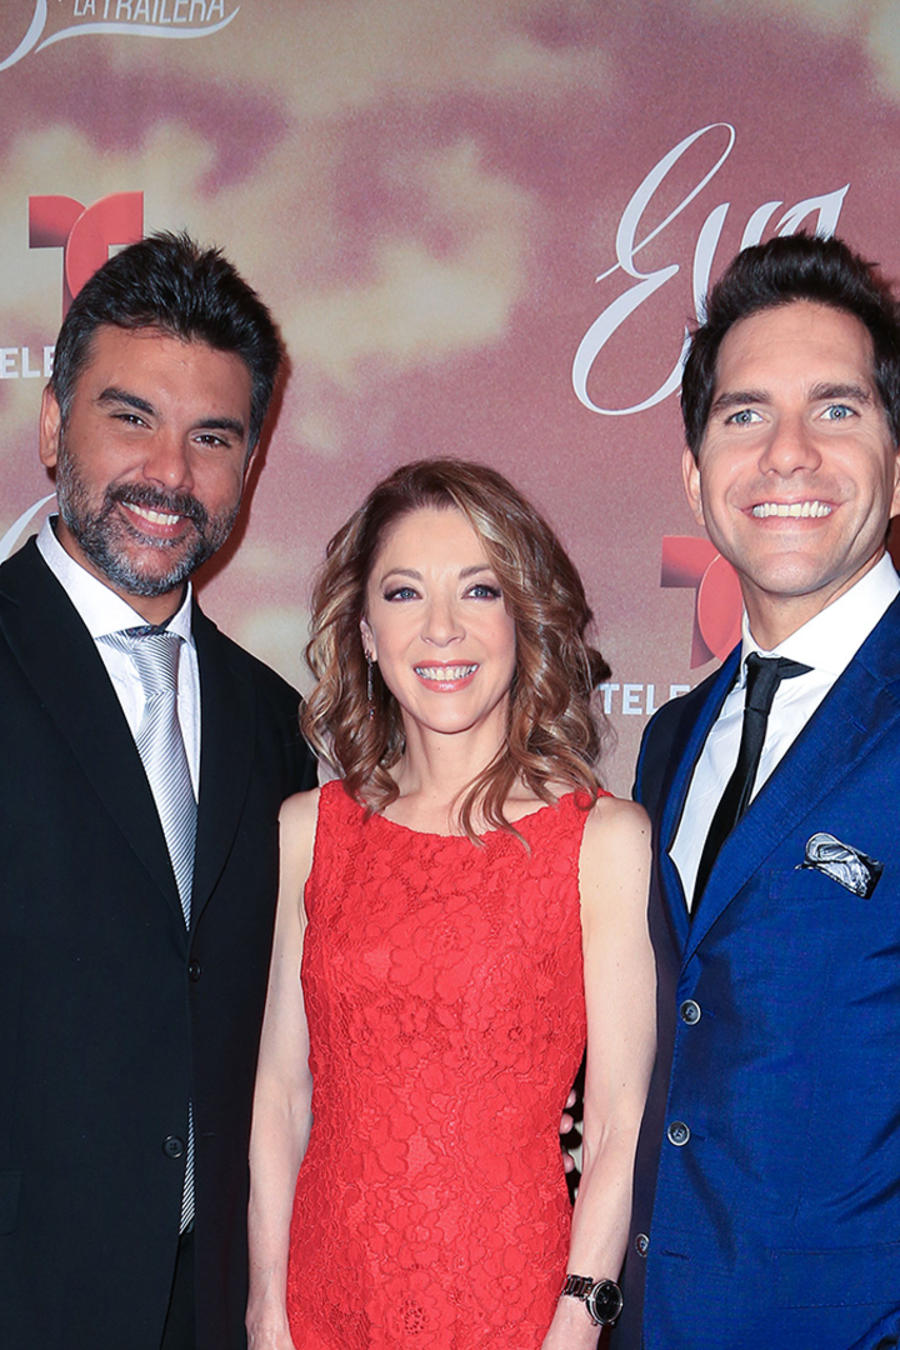 Jorge Luis Pila, Edith González y Arap Bethke en la alfombra roja de Eva La Trailera